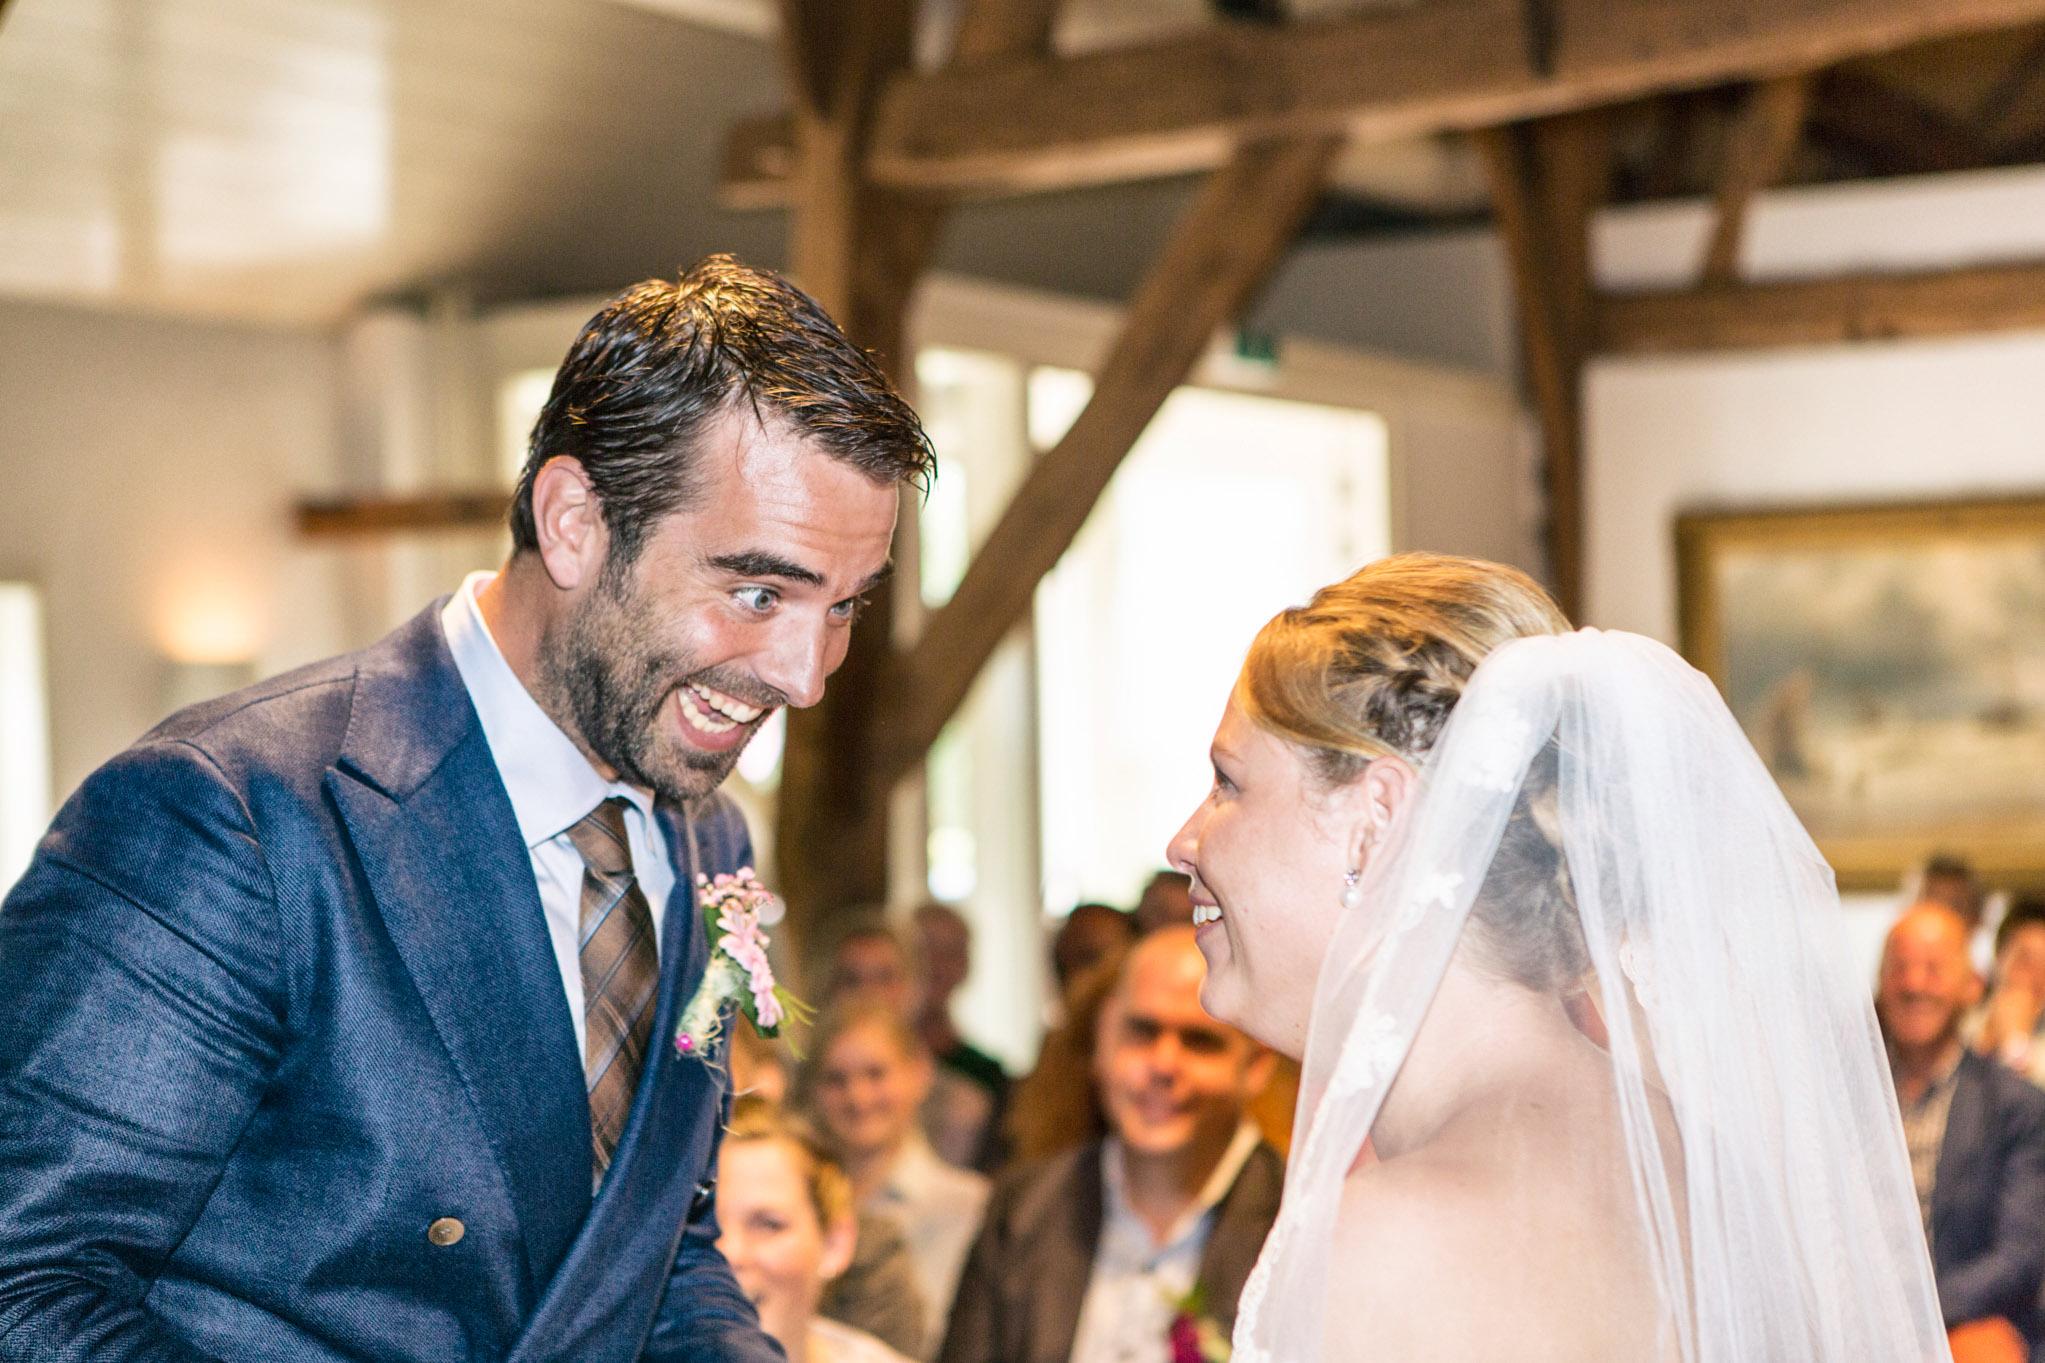 Bruiloft Oirschot, Originele bruidsreportage, Trouwfoto, Charmante bruidegom, Vrolijke trouwfoto